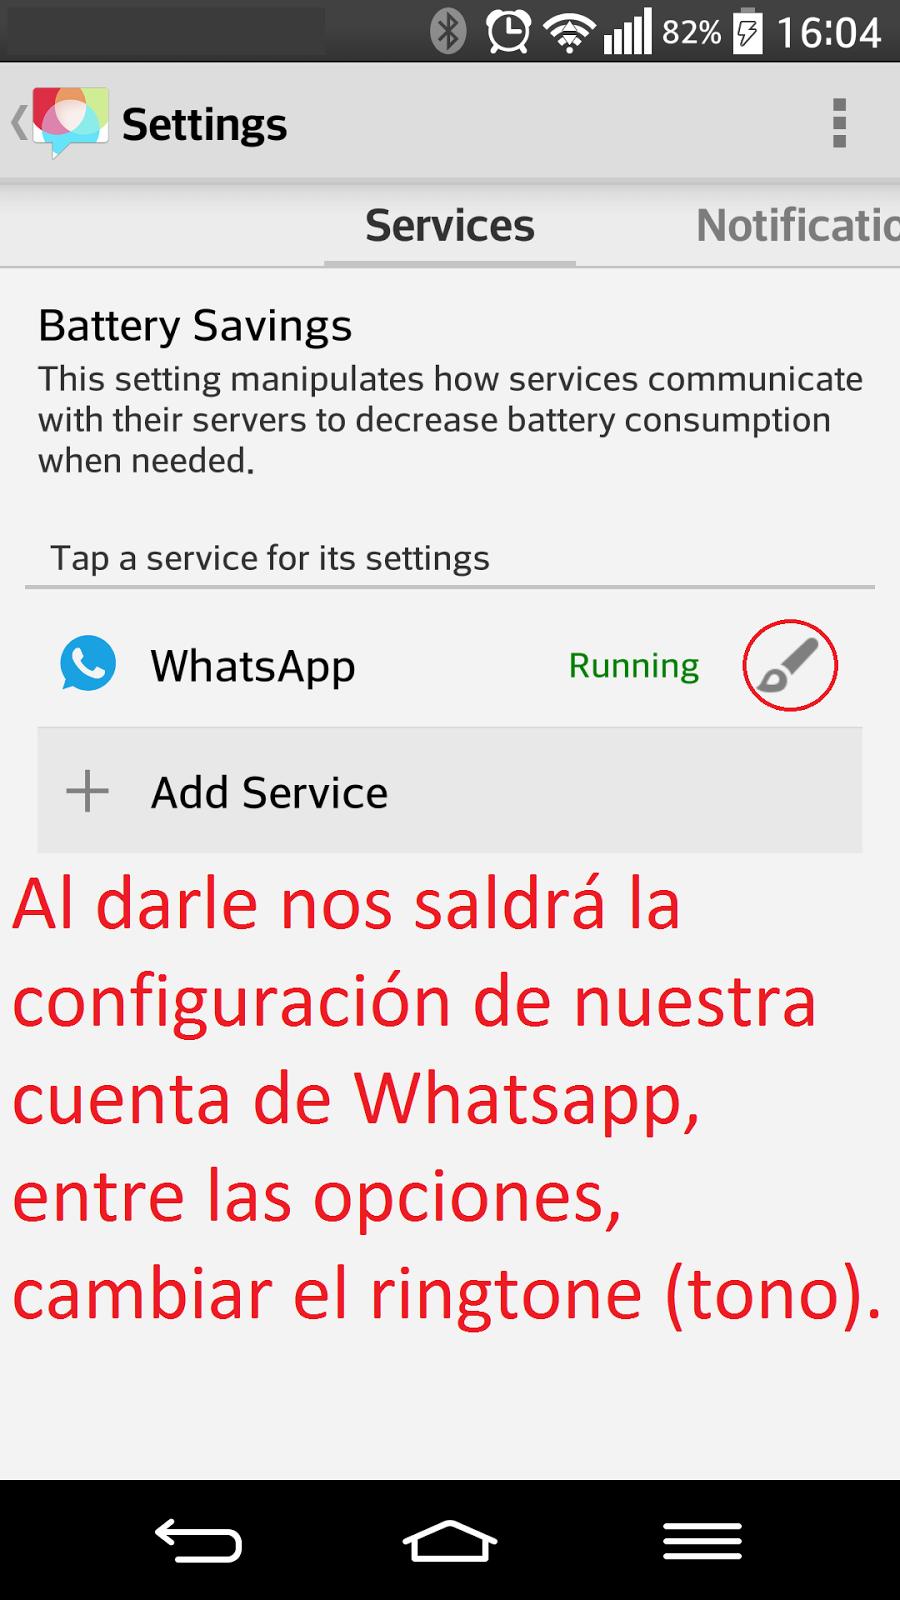 Para cambiar el tono (ringtone) de nuestra cuenta de Whatsapp en DISA hay que darle al pincel que sale en los ajustes de los Servicios.